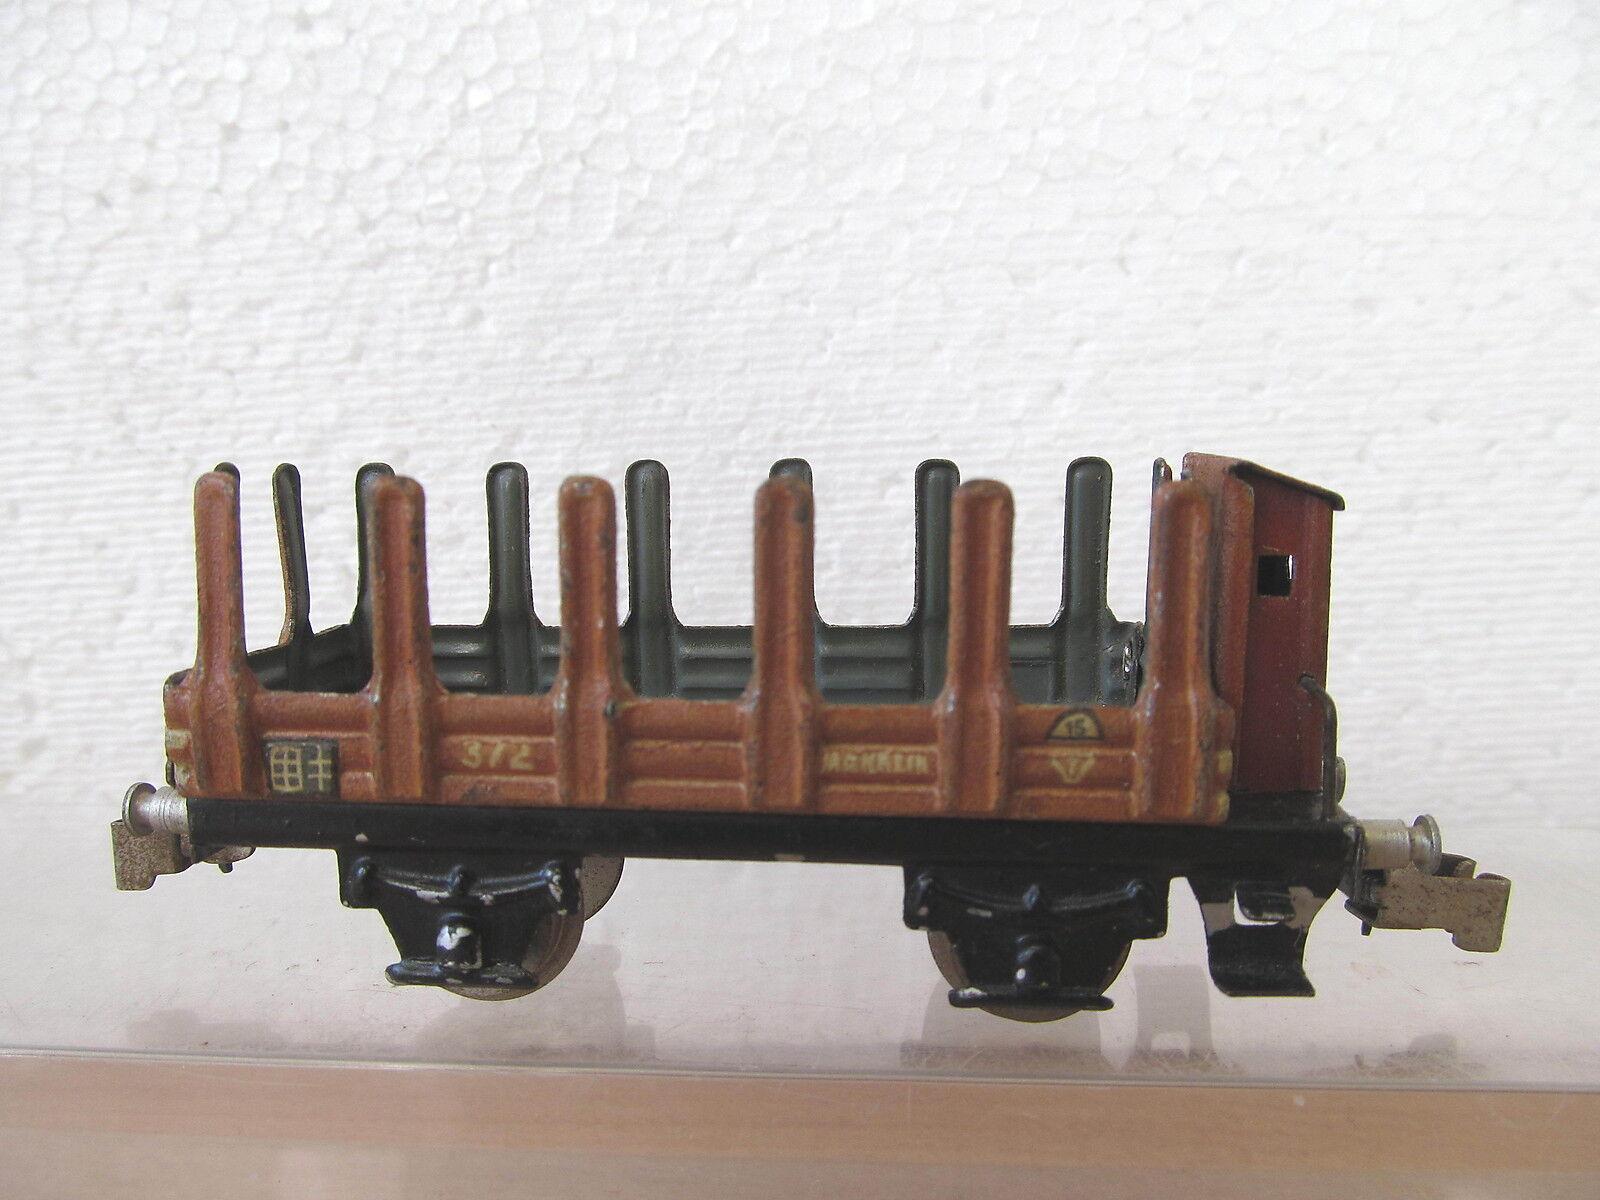 Mes-34726 età   h0 Rungenwagen 372 segni di usura/farbschäden,